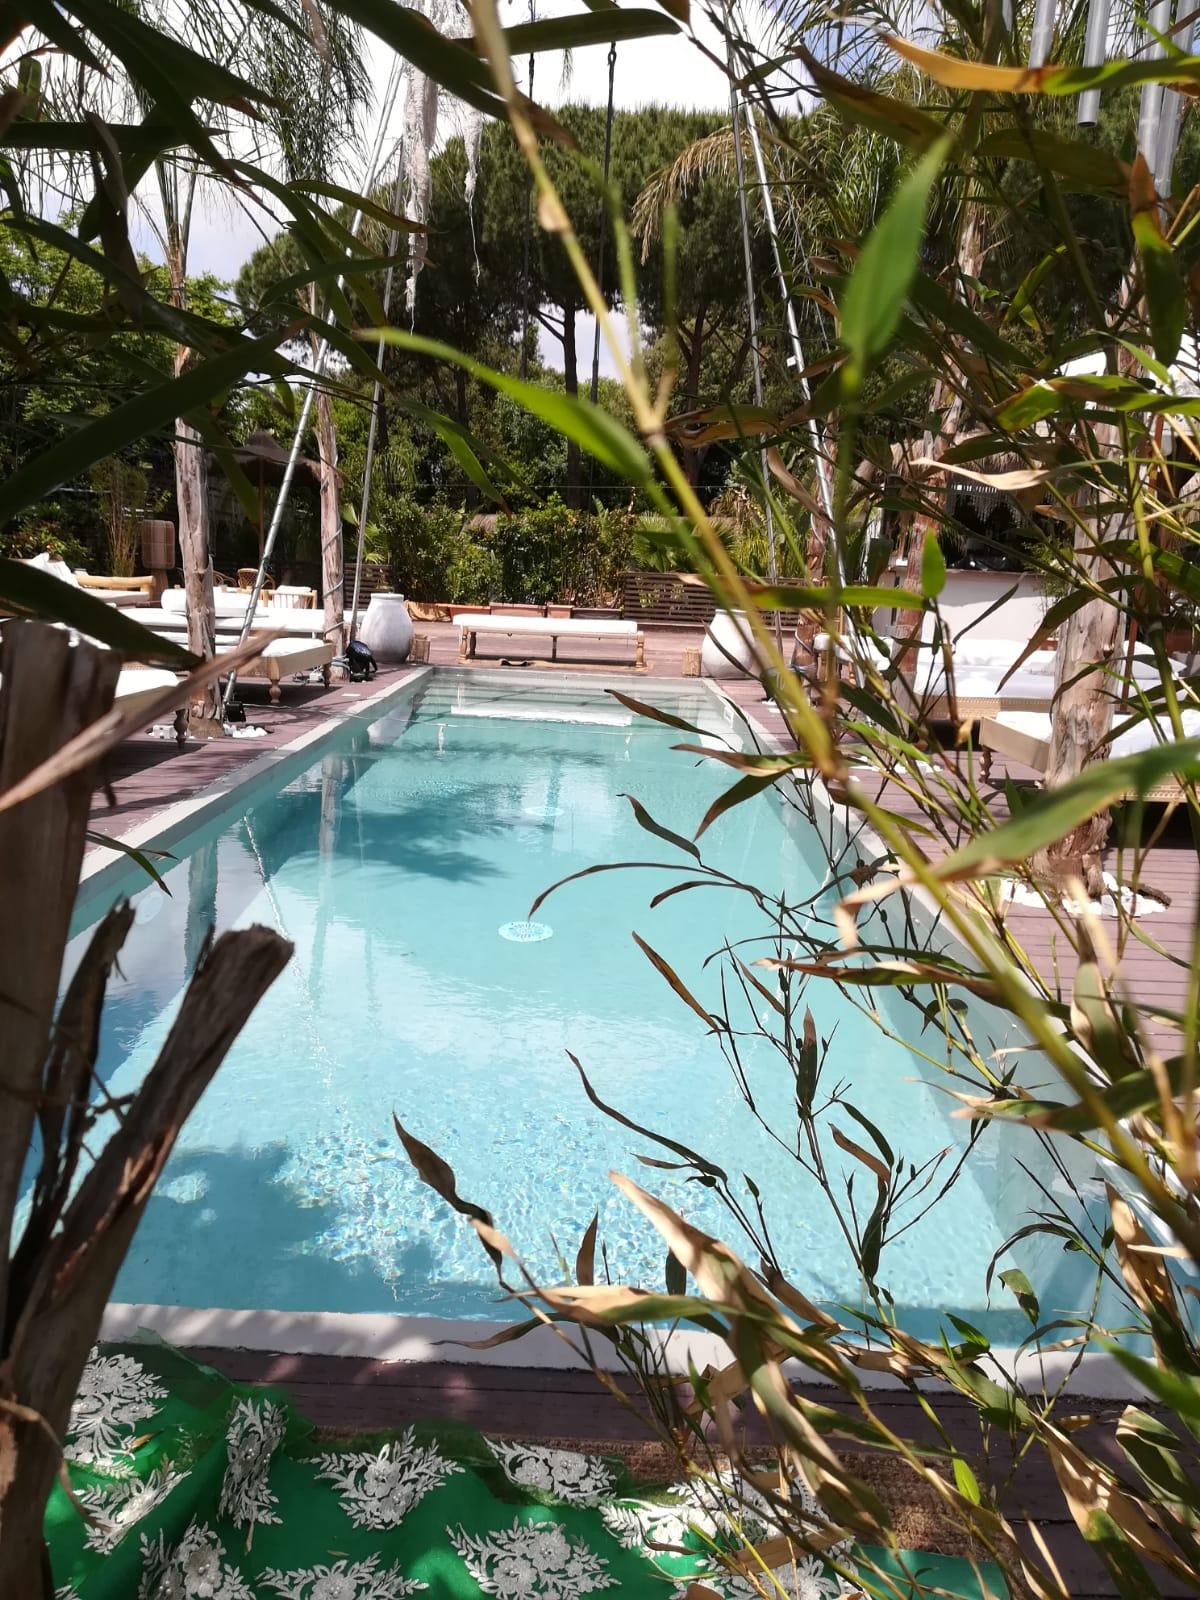 a piscine interrate a skimmer in pannello acciaio